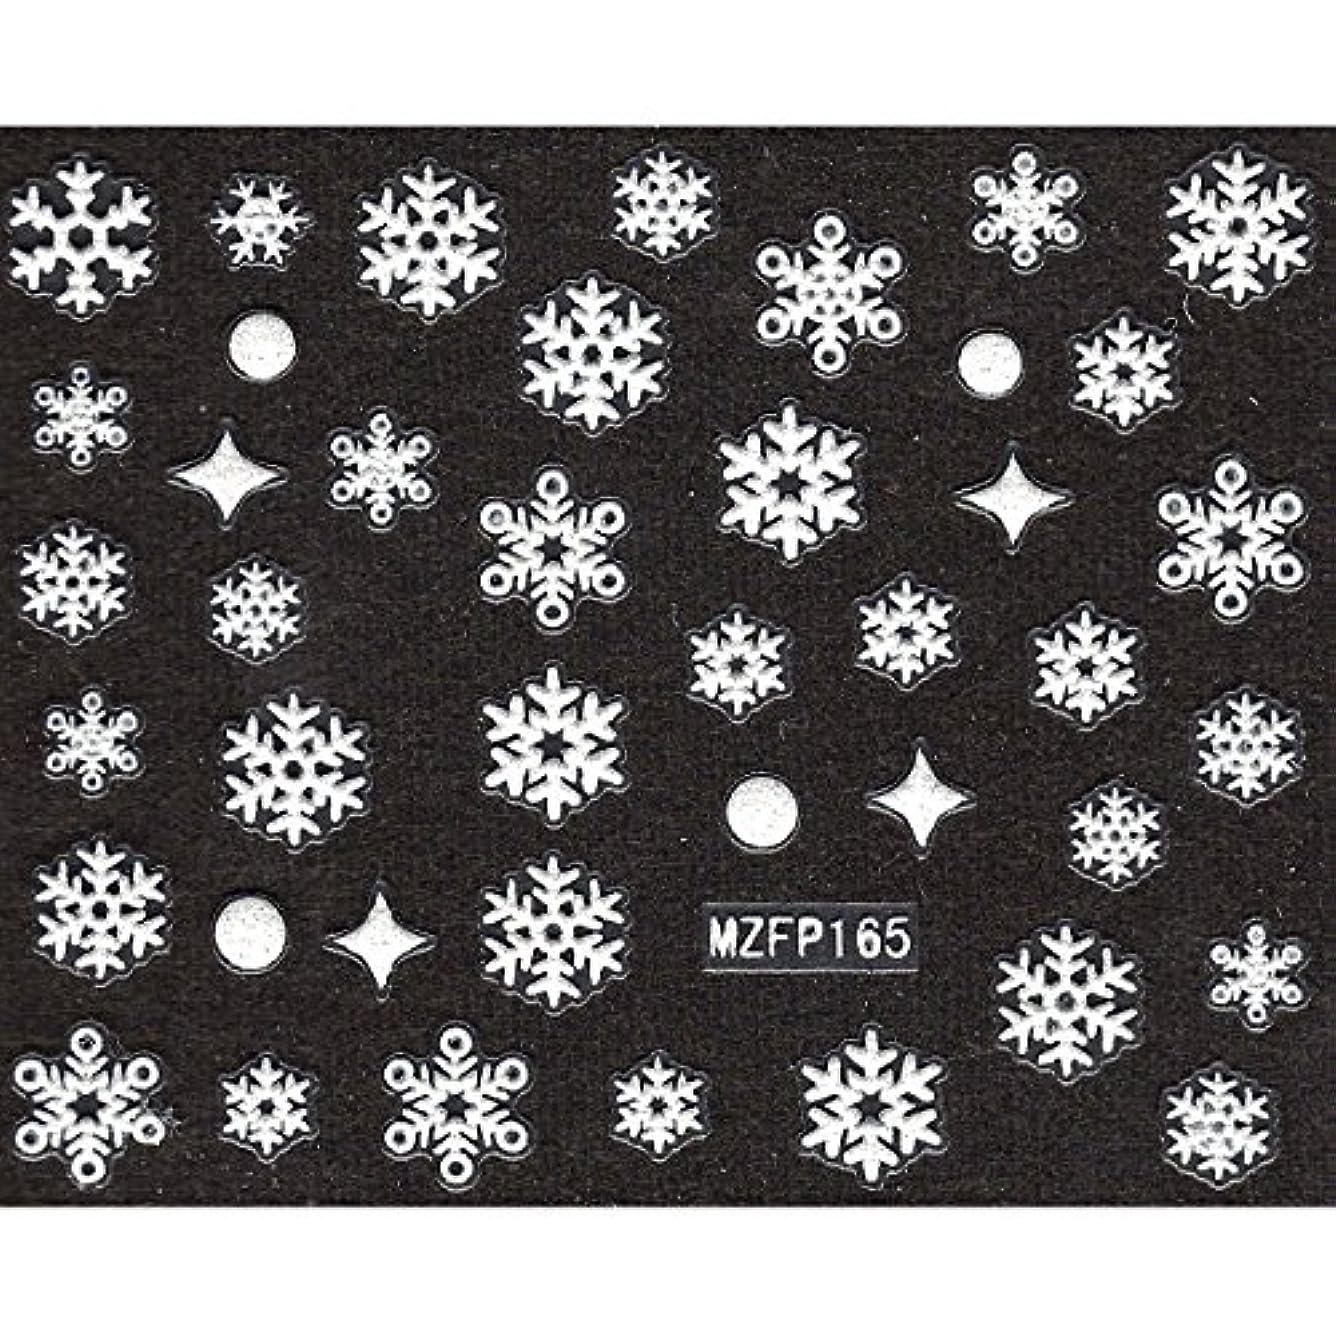 ネイルシール 雪の結晶 選べる24種類 (Sb-01)